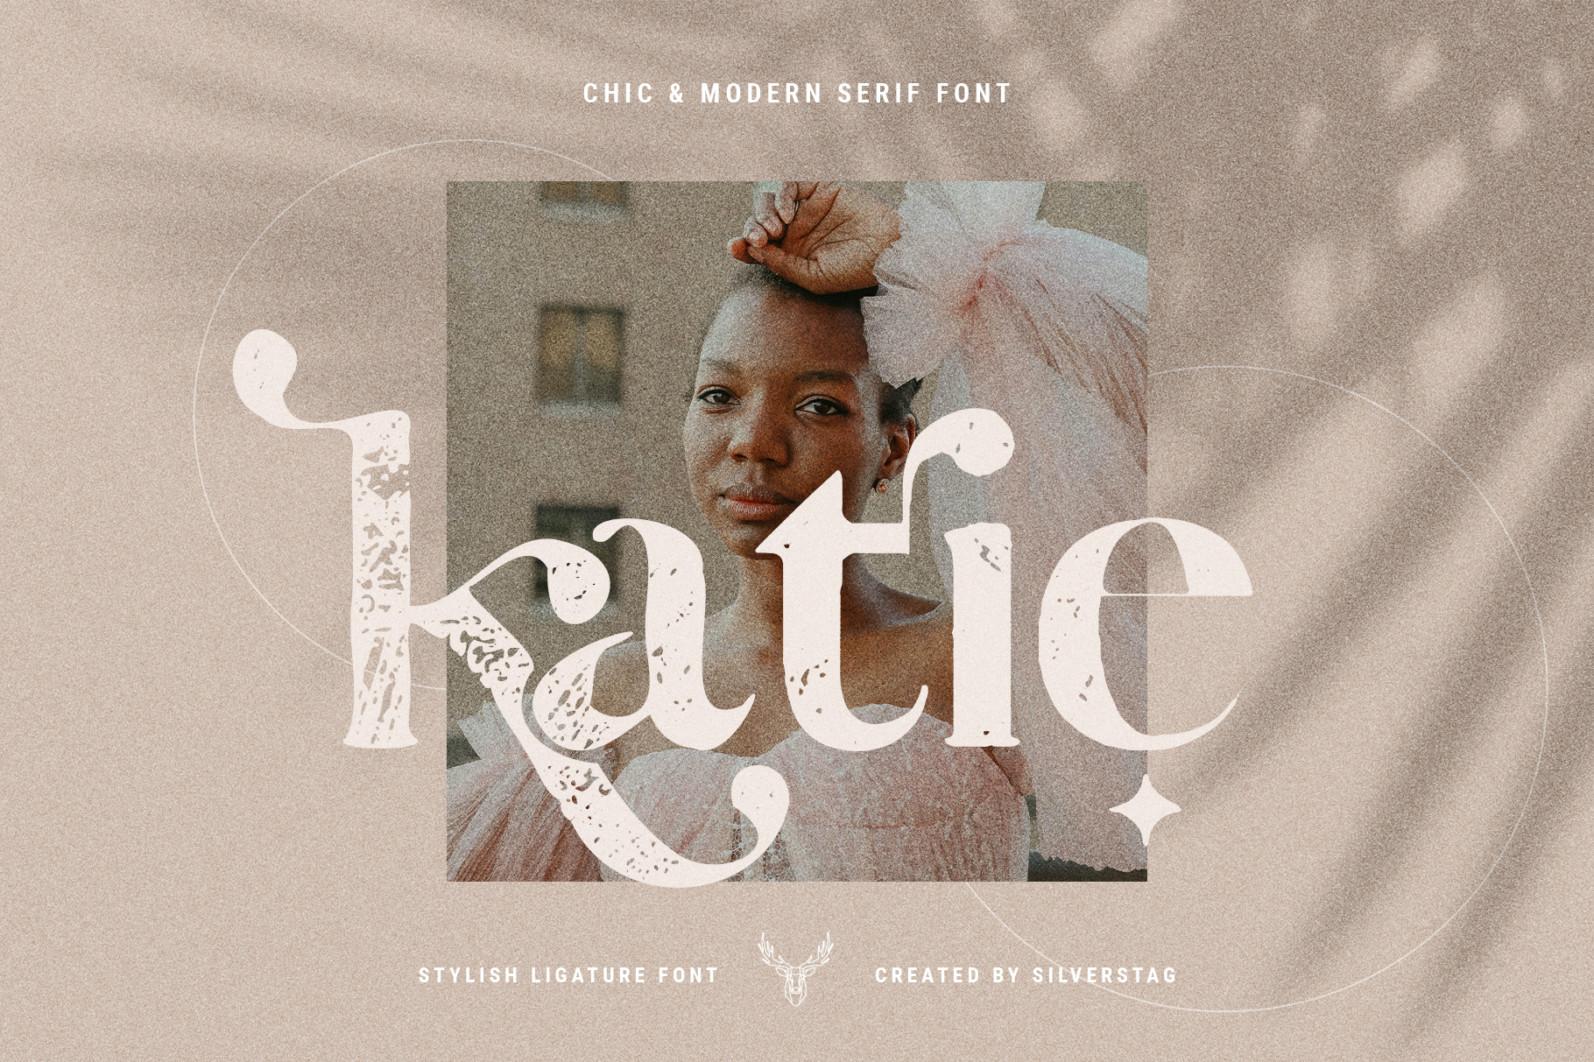 Vicky Christina - Vintage Serif Font - 18 vicky christina vintage ligature serif by silver stag -